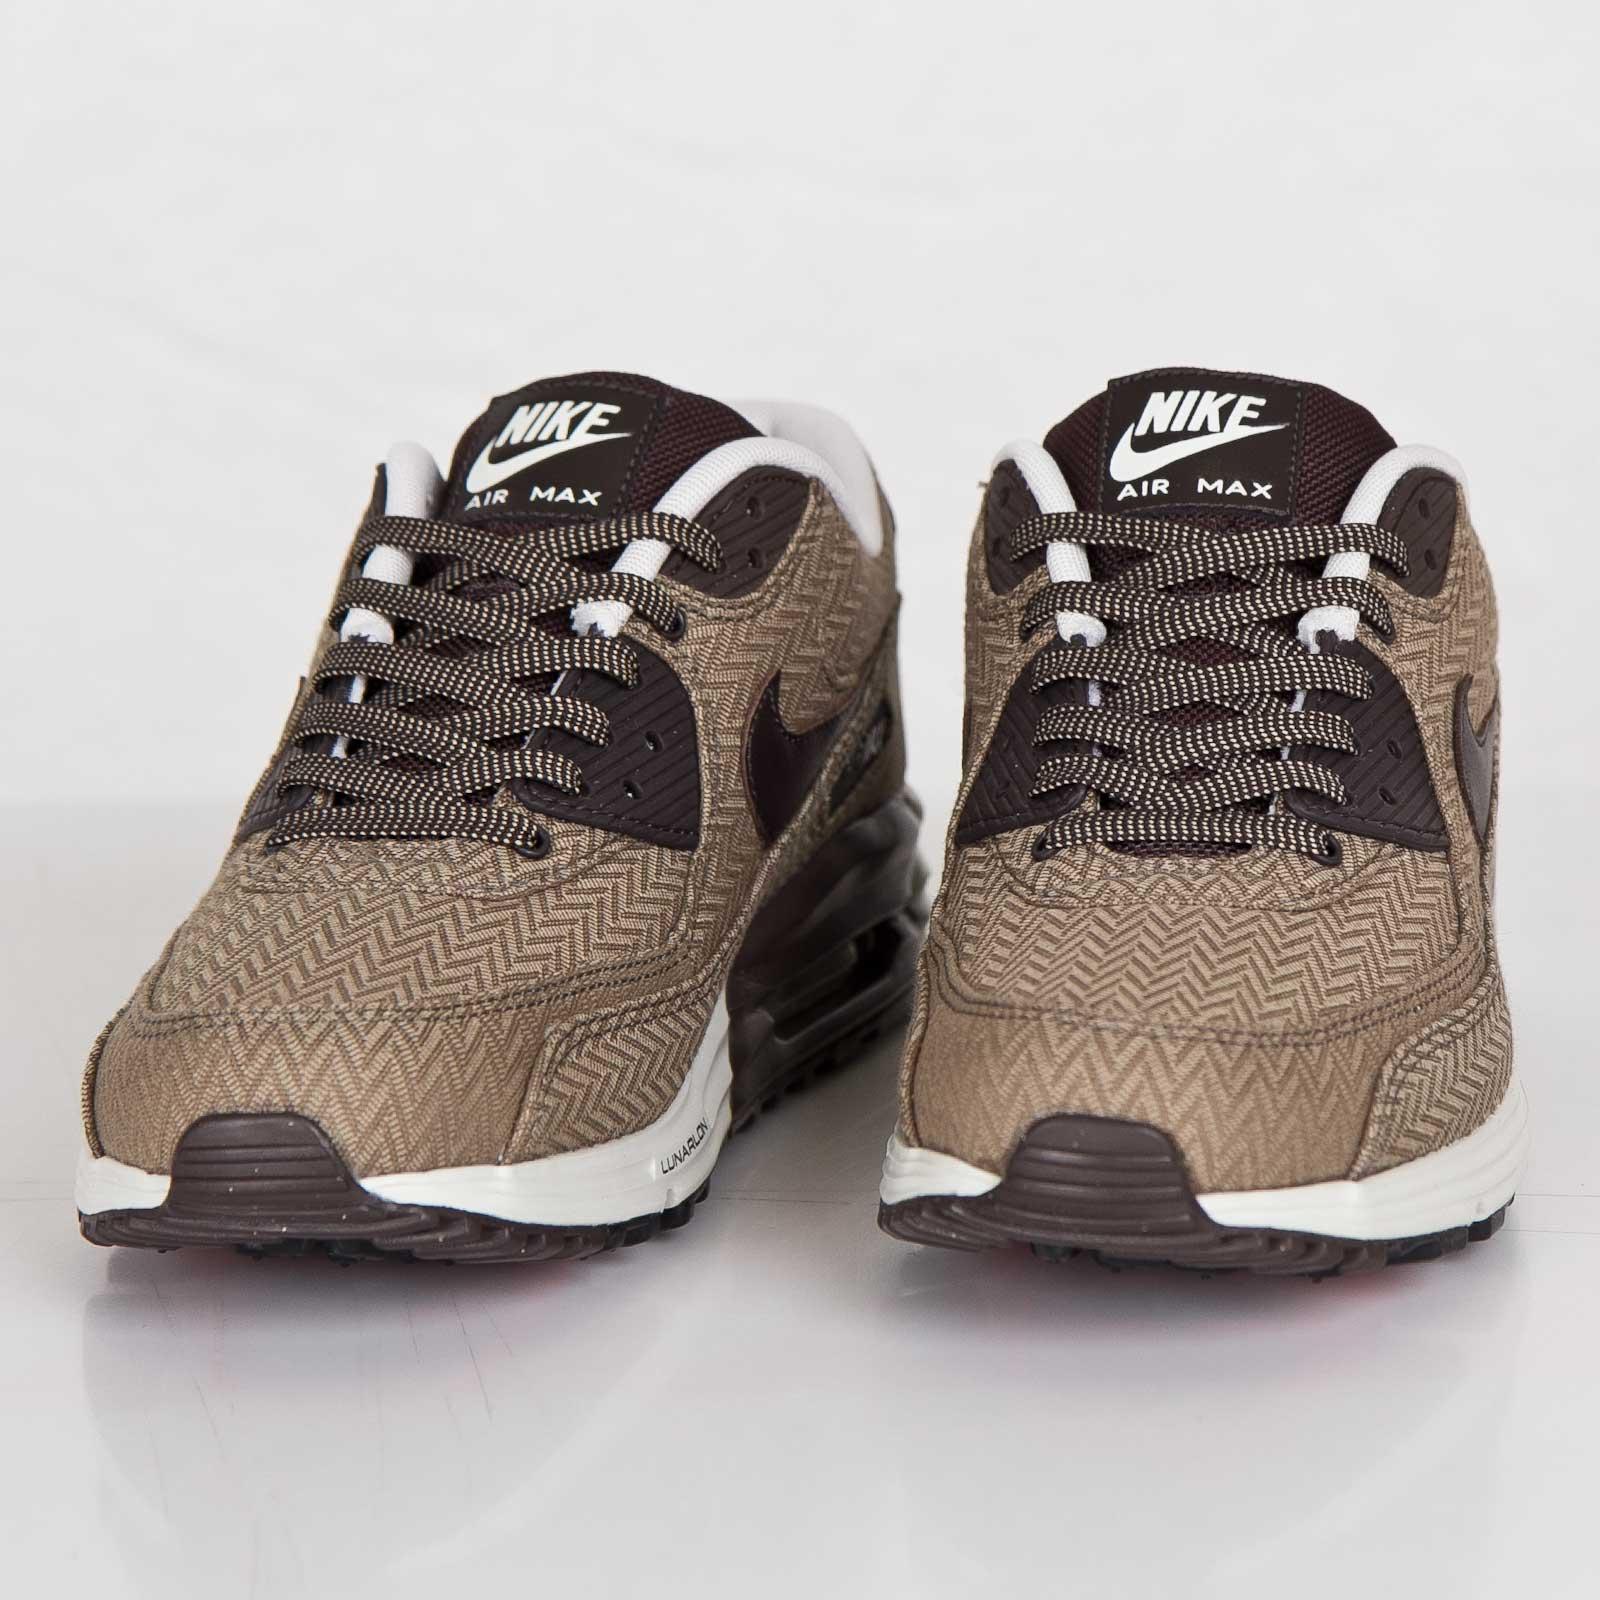 Nike Air Max Lunar90 Premium QS 705068 200